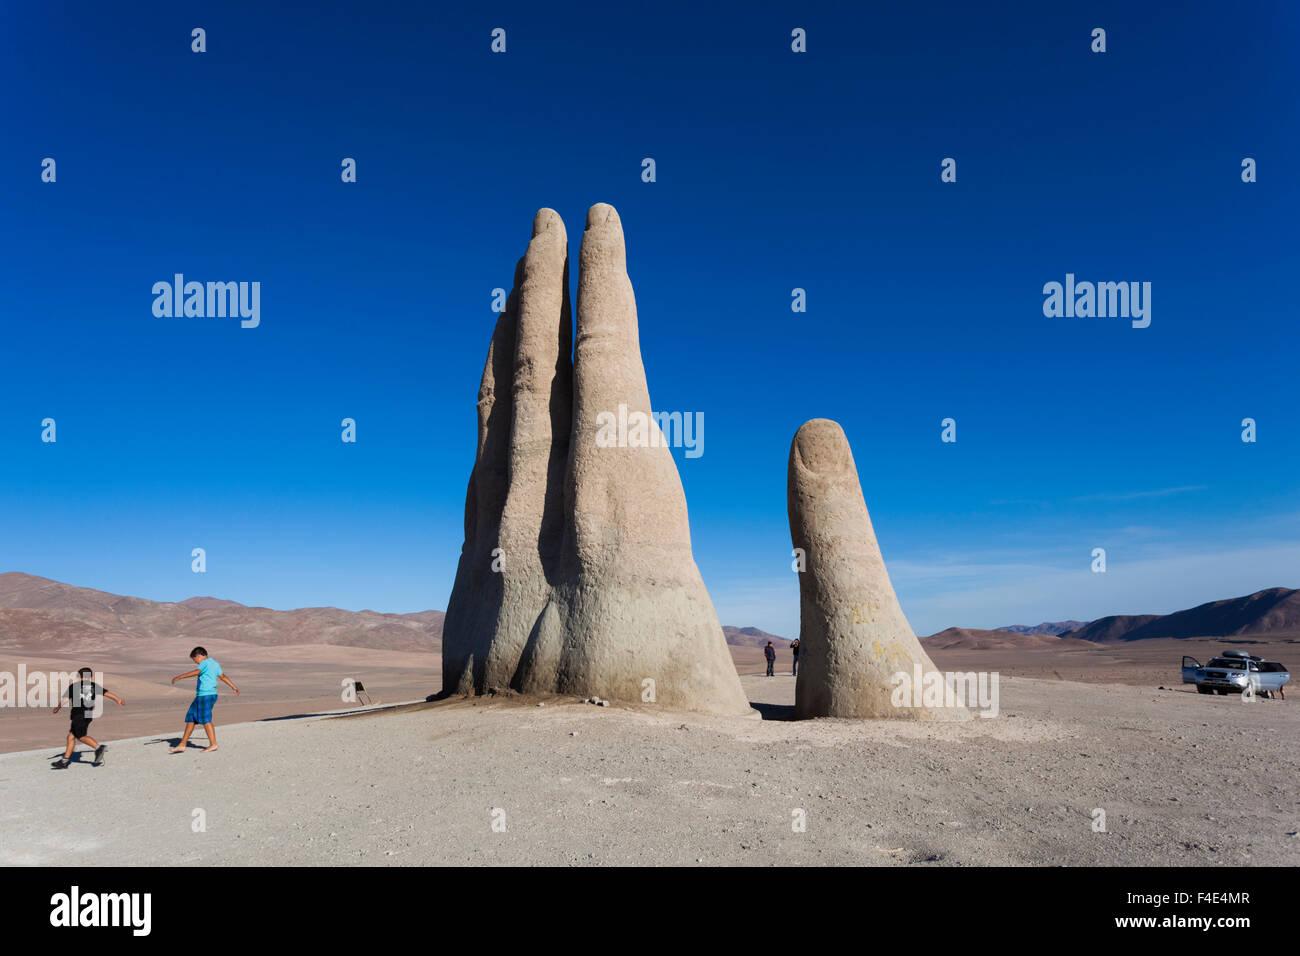 Il Cile, Antofagasta, mano del Desierto scultura di Mario Irarrazaval, 1992. Immagini Stock